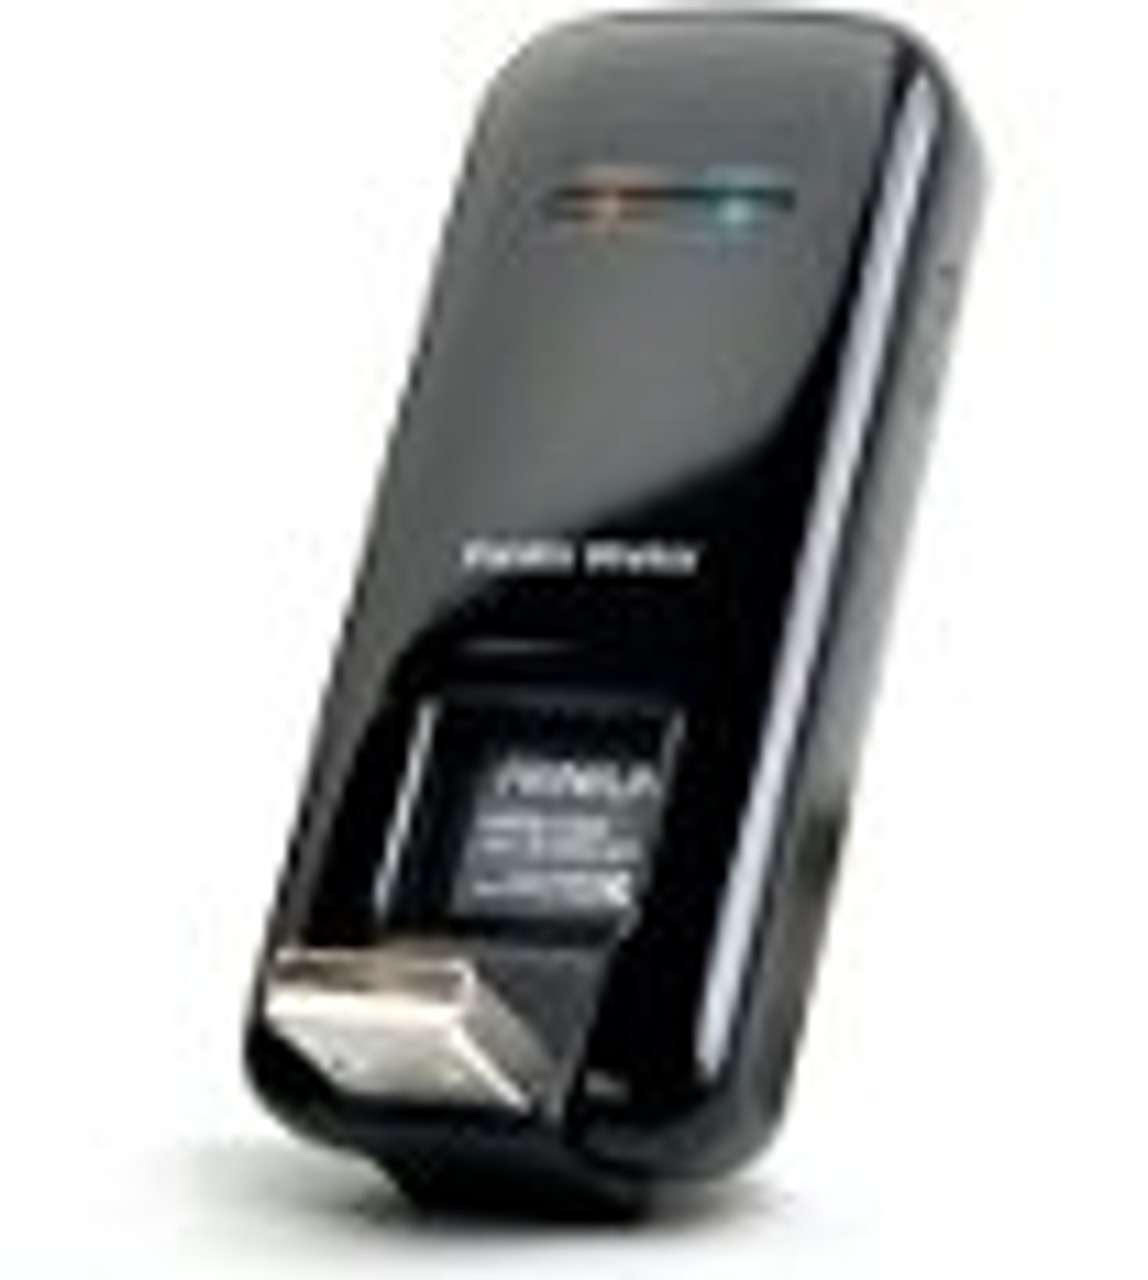 Franklin Wireless USB Modems